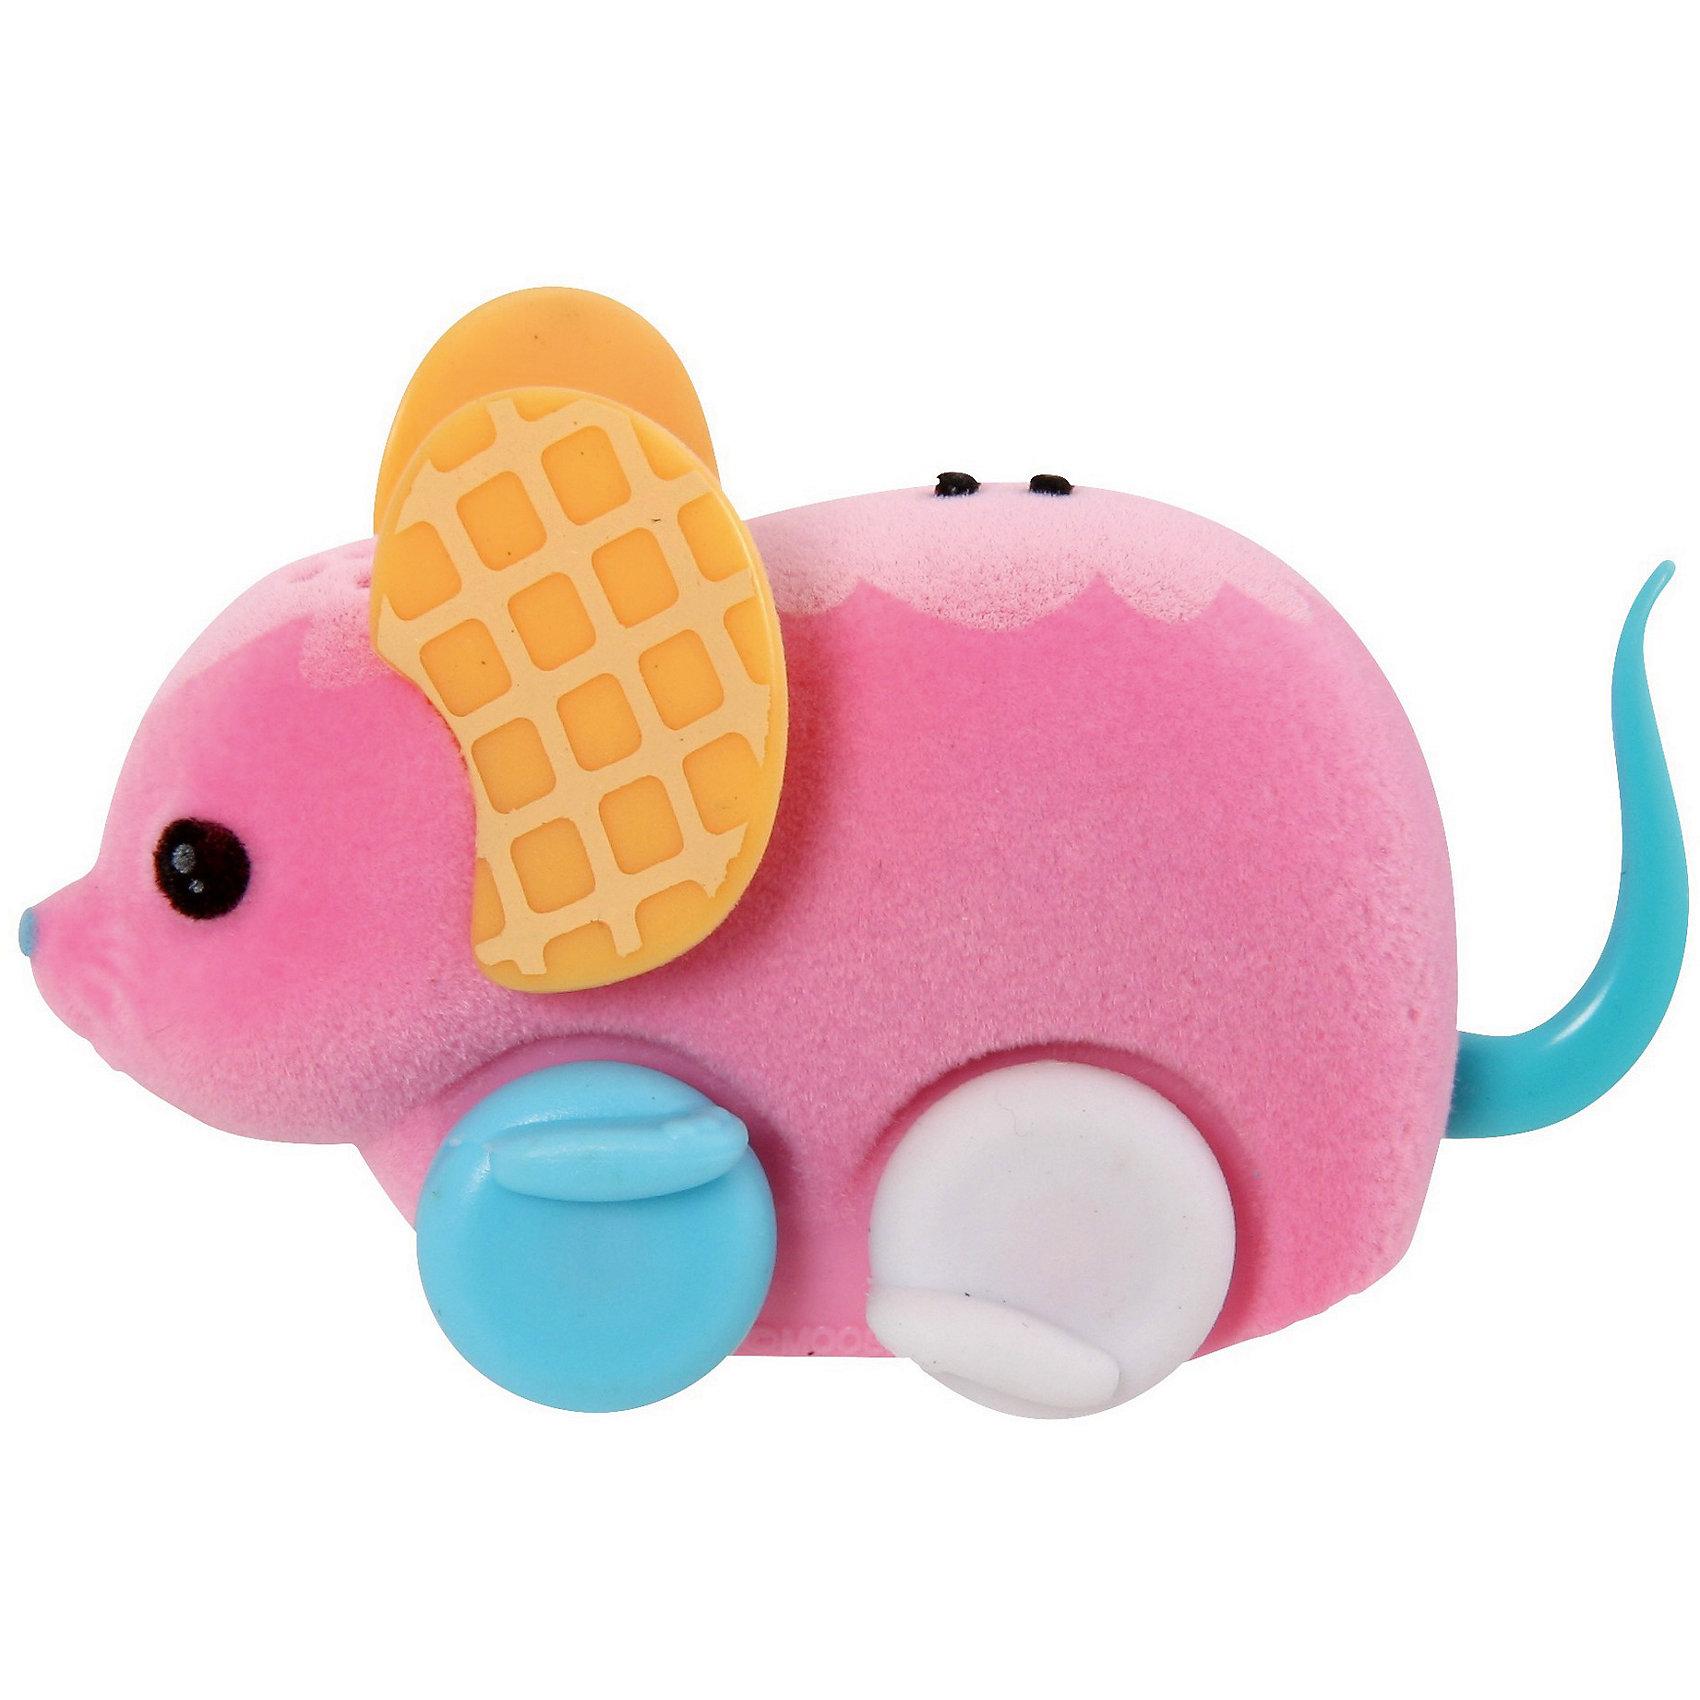 Интерактивная мышка в колесе, розовая, Little Live PetsПрочие интерактивные игрушки<br>Интерактивная мышка в колесе, розовая, Little Live Pets (Литтл лайв петс) от австралийского бренда Moose (Мус). Новая нежная игрушка – мышка, очень приятна на ощупь, ее тельце как будто сделано из бархата. Лапки сделаны в виде колесиков, которые позволяют мышке бегать. Красивые большие ушки мышки отлично сочетаются с рисунками на спинке и хвостиком. Мышка может пищать и издават интересные звуки, как настоящая если ее поглаживать по спинке. Движения мышки очень похожи на настоящую. В комплект входит розовое колесо для бега. С мышкой можно придумать много игр и почувствовать, будто дома появился новый домашний питомец. <br><br>Дополнительная информация:<br><br>- В комплект входит: 1 мышка, колесо<br>- Состав: пластик, флок<br>- Элементы питания: 3 батарейки AG13 (LR44) (имеются в комплекте)<br>- Умеет пищать<br><br>Интерактивную мышку в колесе, розовая, Little Live Pets (Литтл лайв петс), Moose (Мус) можно купить в нашем интернет-магазине.<br>Подробнее:<br>• Для детей в возрасте: от 5 до 8 лет <br>• Номер товара: 5055298<br>Страна производитель: Китай<br><br>Ширина мм: 55<br>Глубина мм: 180<br>Высота мм: 220<br>Вес г: 200<br>Возраст от месяцев: 60<br>Возраст до месяцев: 120<br>Пол: Унисекс<br>Возраст: Детский<br>SKU: 5055298